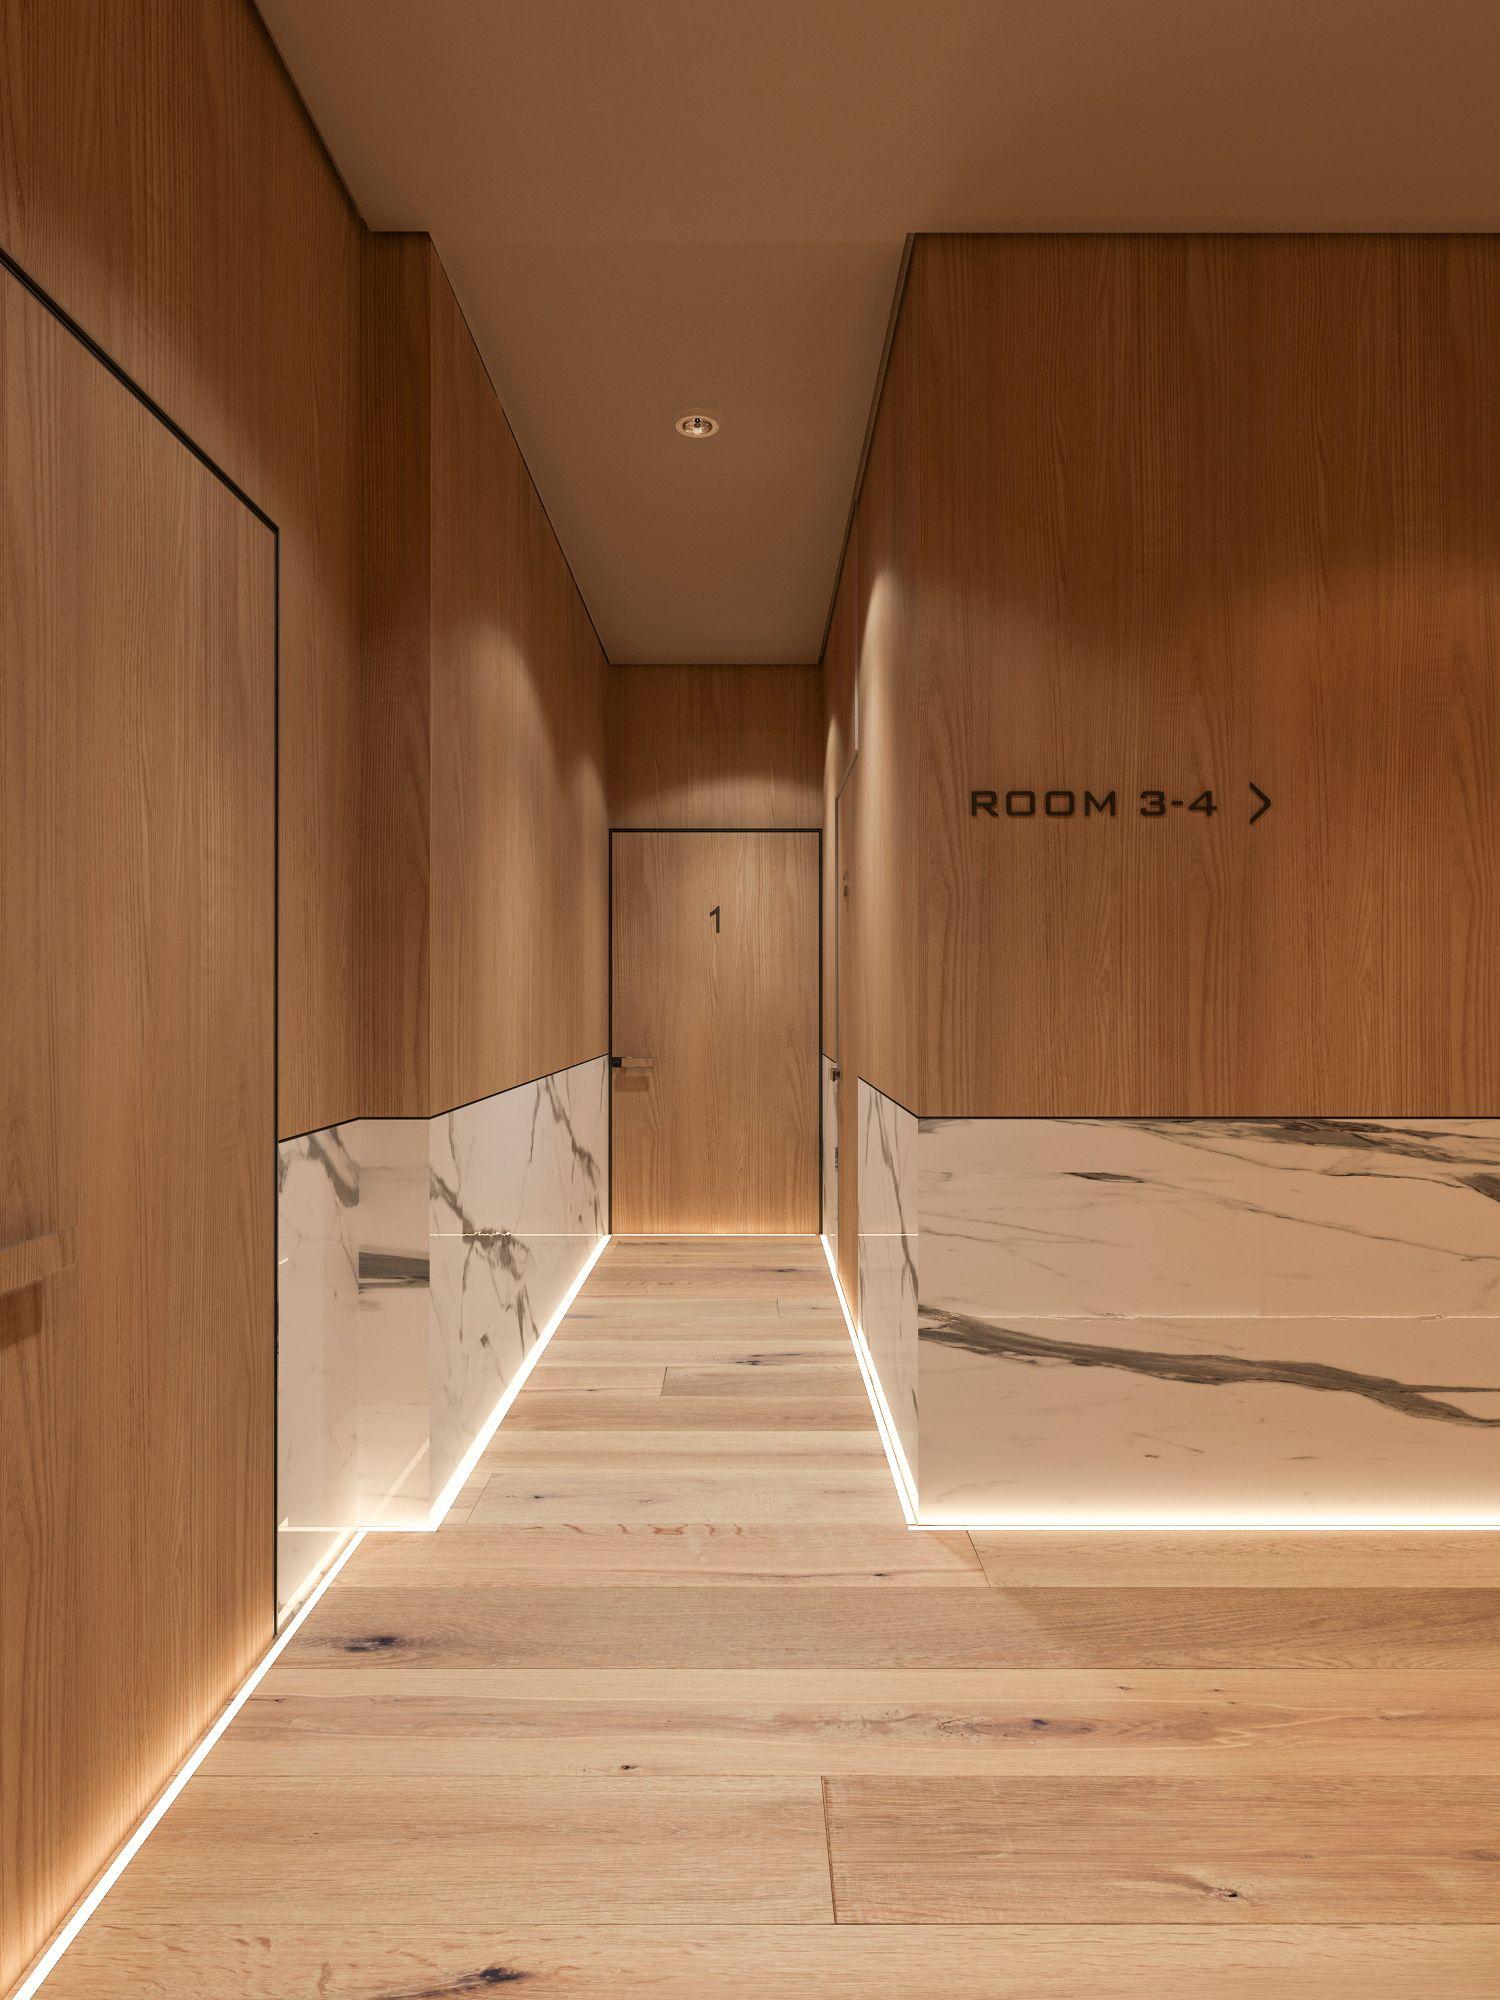 mini hotel | interior design 室內設計 | pinterest | bald